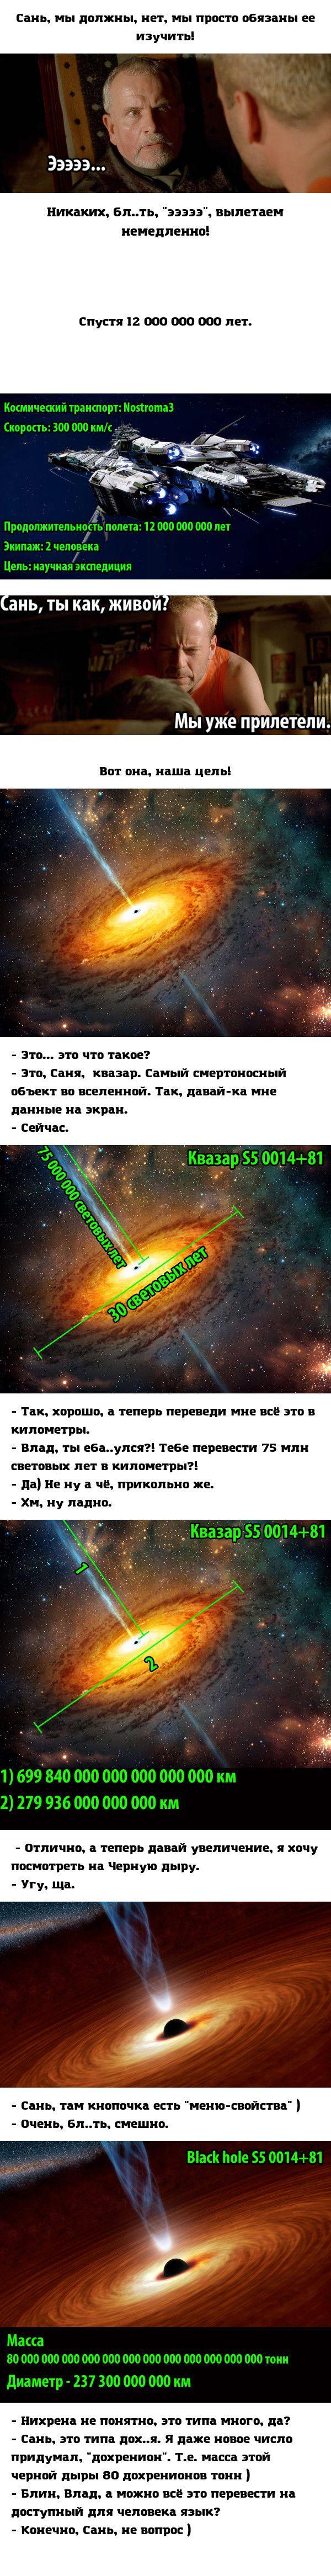 Сань, смотри чё я нашел ) космос, черная дыра, планеты и звезды, вселенная, астрономия, длиннопост